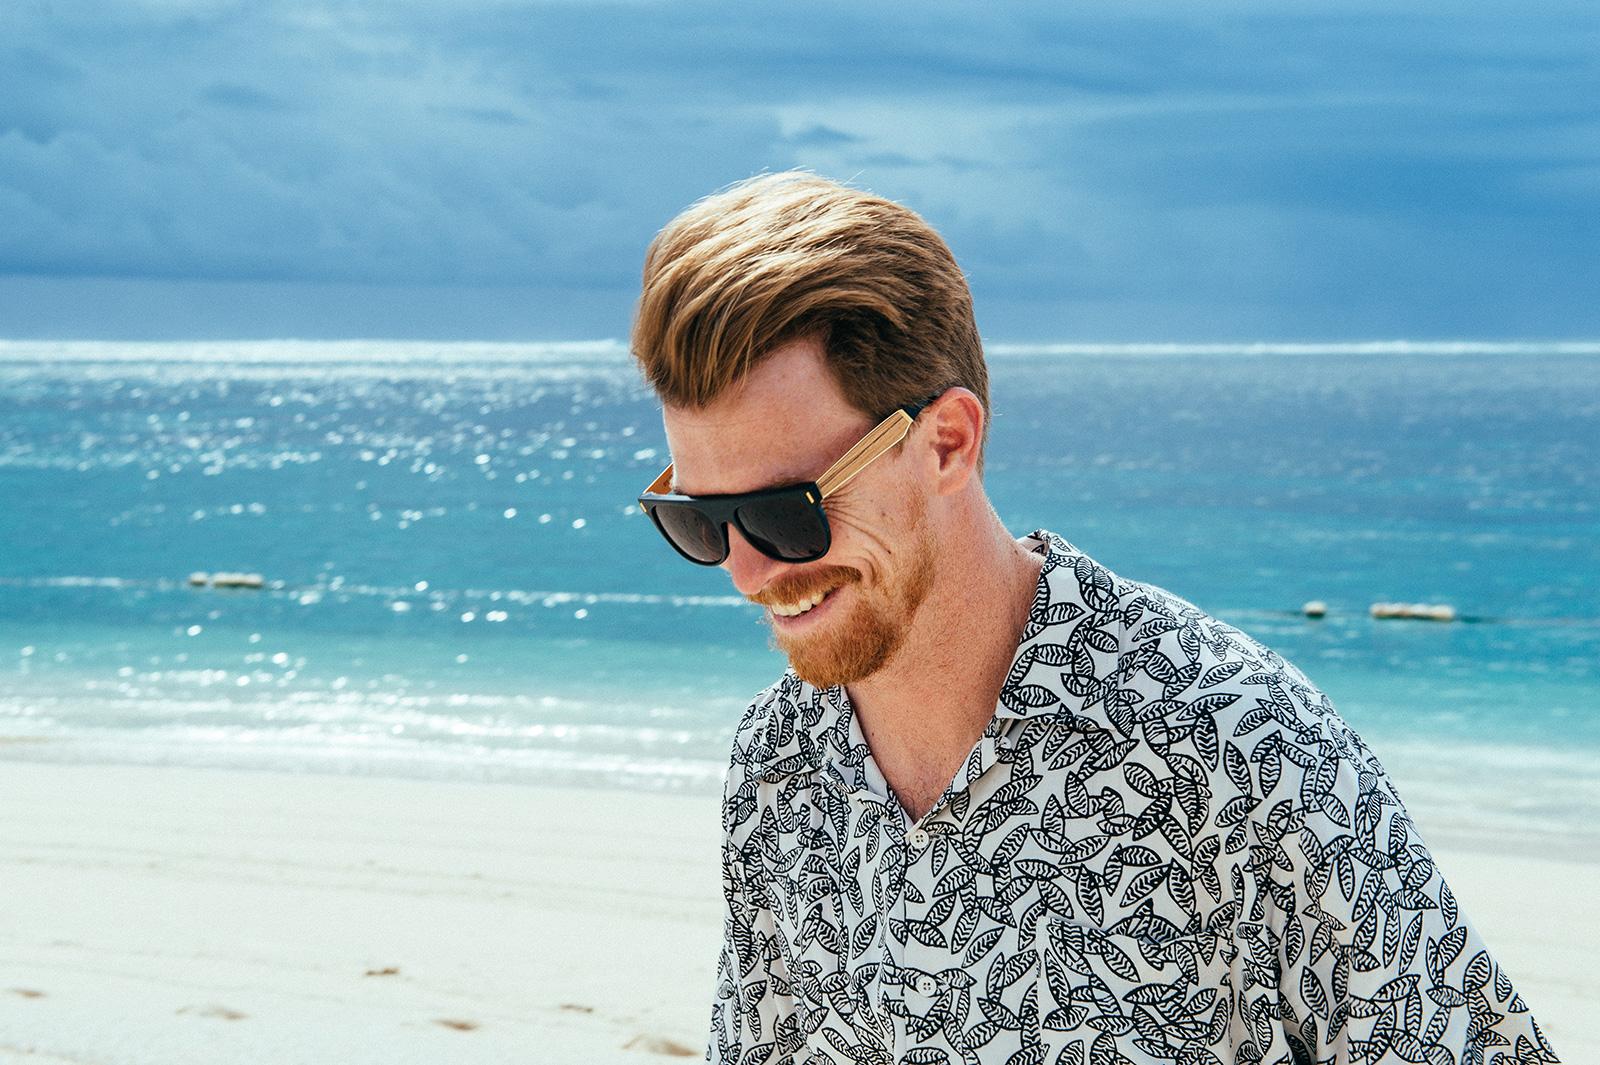 Man in Mauritius